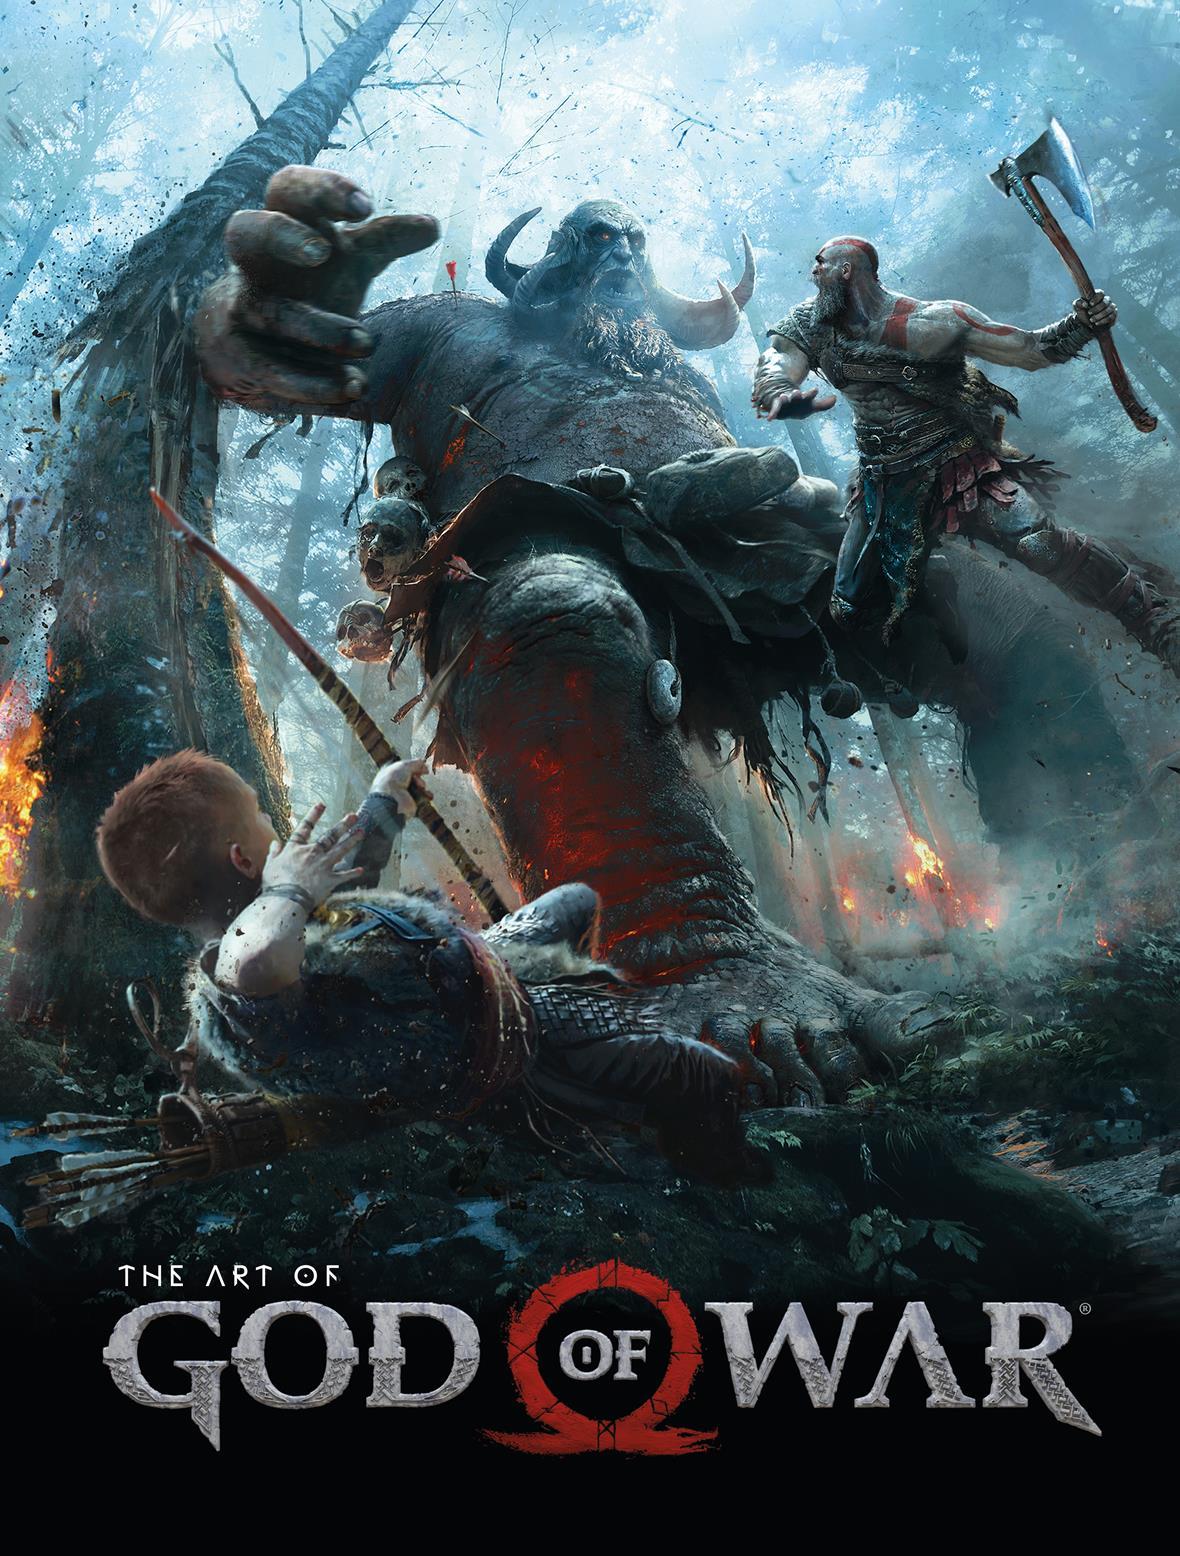 The Art Of God Of War First Comics News